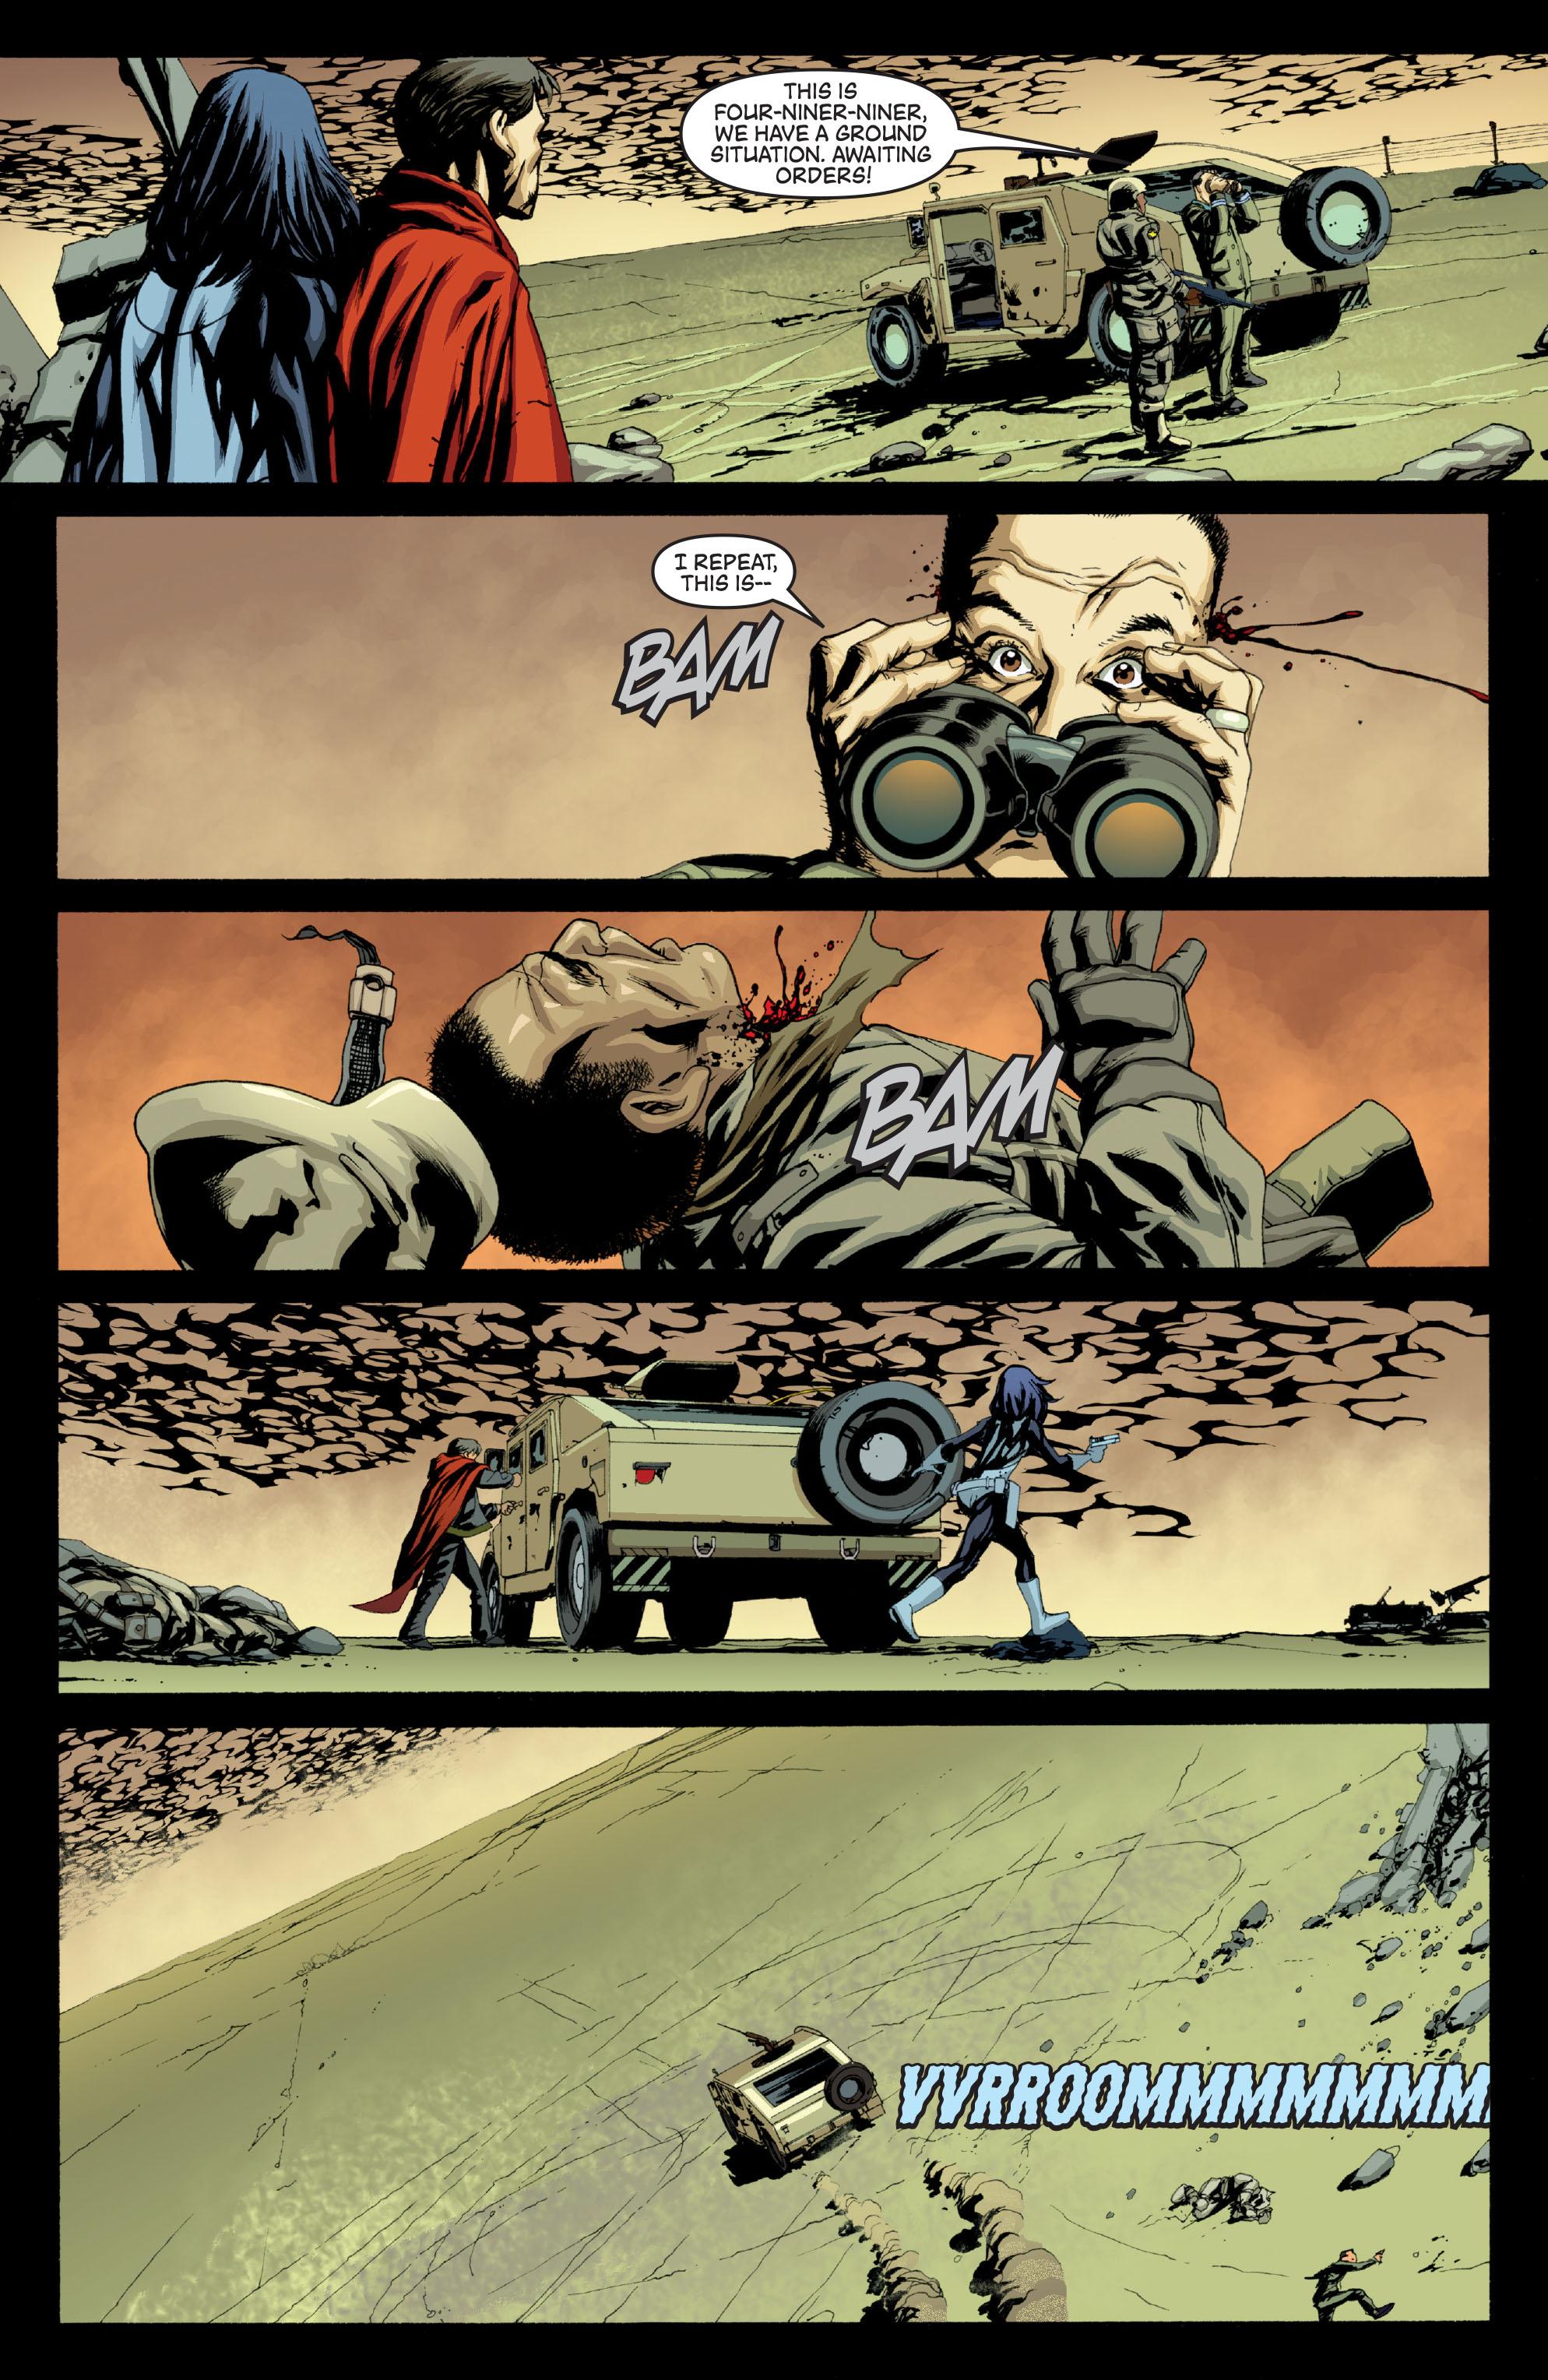 New Avengers (2005) chap 64 pic 18